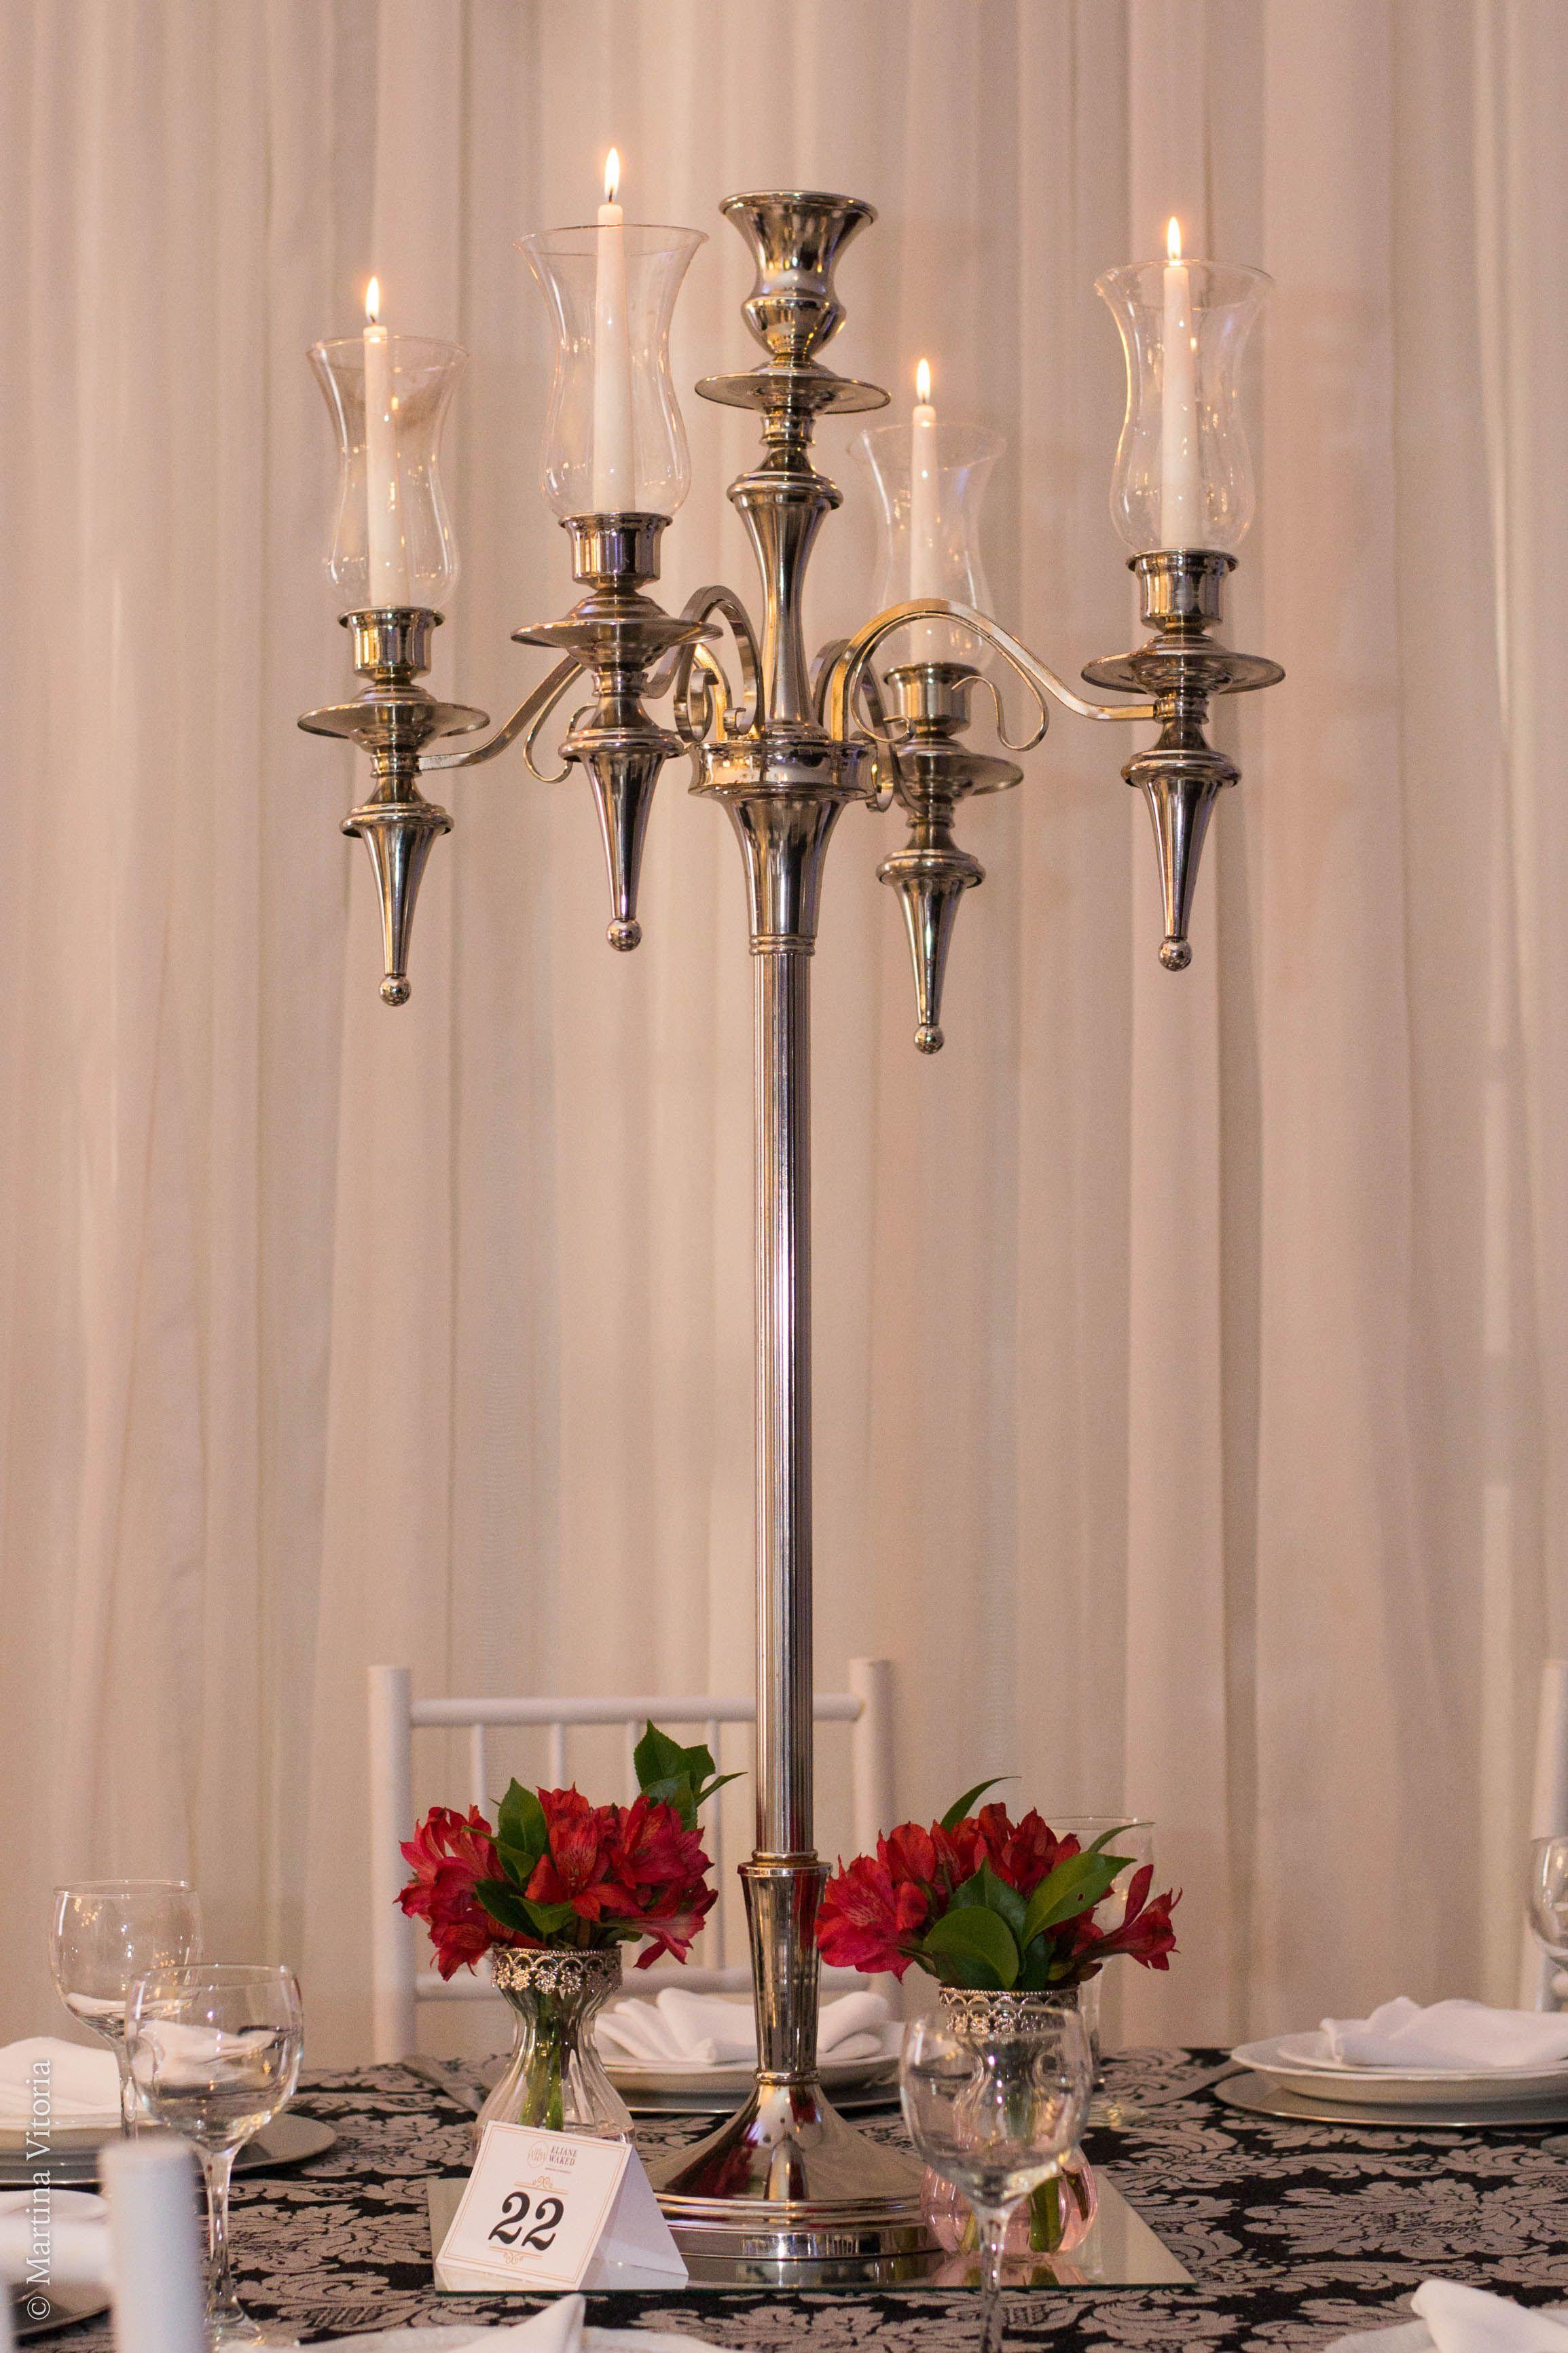 Candelabro Prata Com Velas E Flores Vermelhas Para Mesa Dos Convidados Em Decoracao De 15 Anos Decoracao 15 Anos Decoracao Vermelha Decoracao